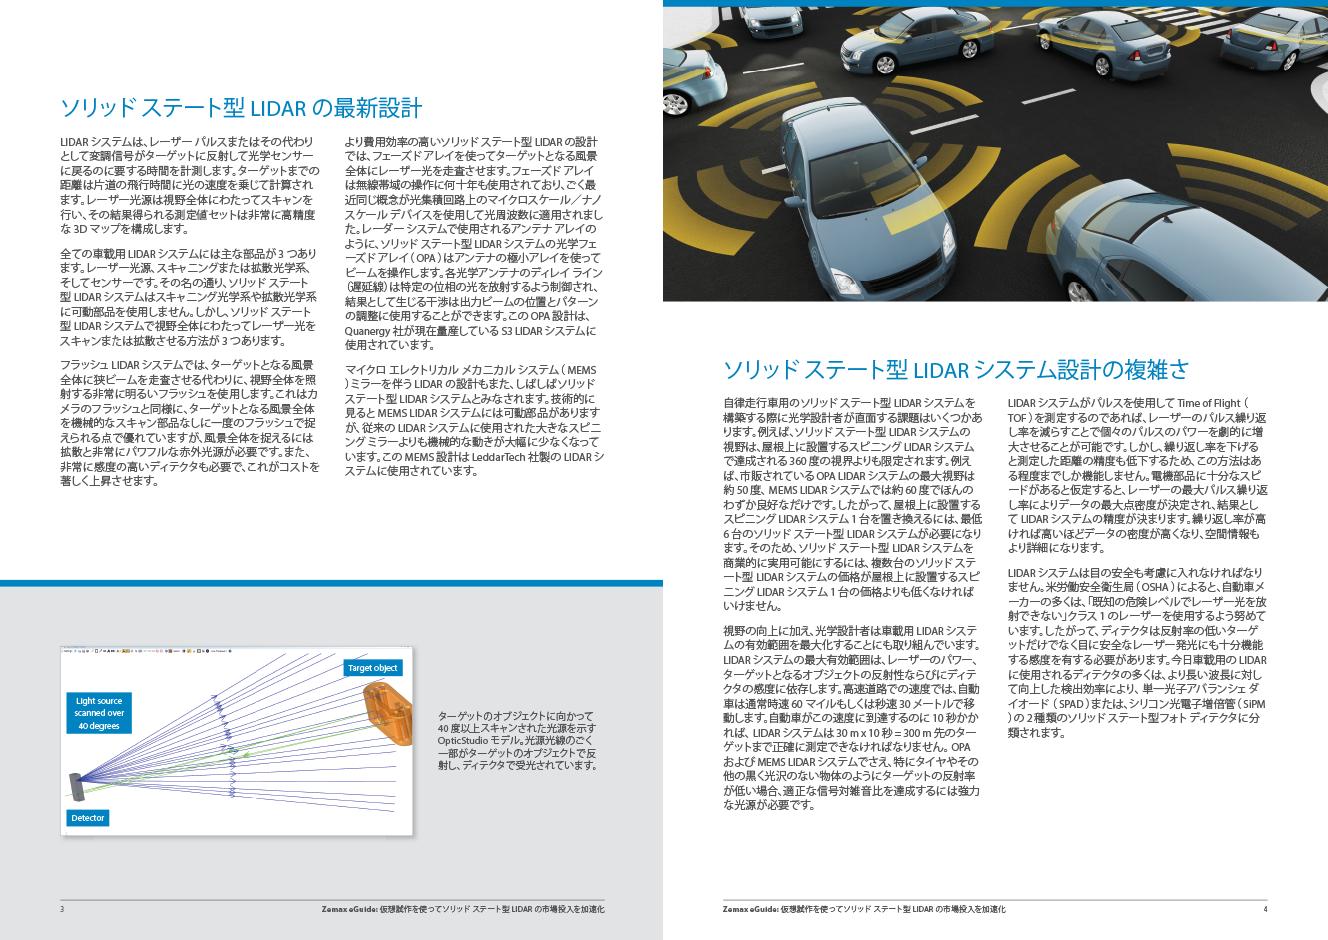 仮想試作を使ってソリッド ステート型 LIDAR の市場投入を加速化 Sneak Preview